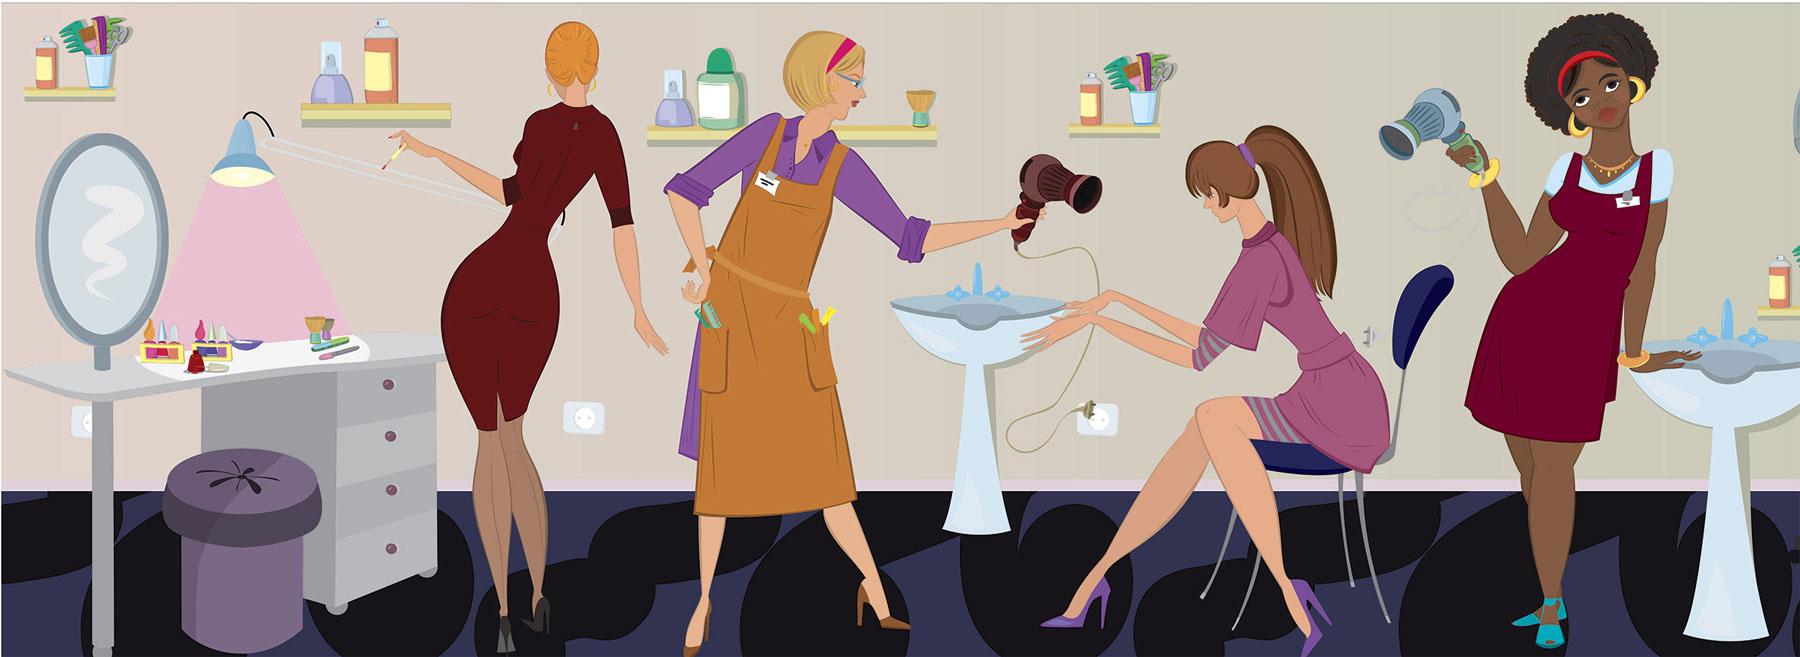 Распространенные «острые ситуации», с которыми сталкивается каждый руководитель салона красоты. Часть 2